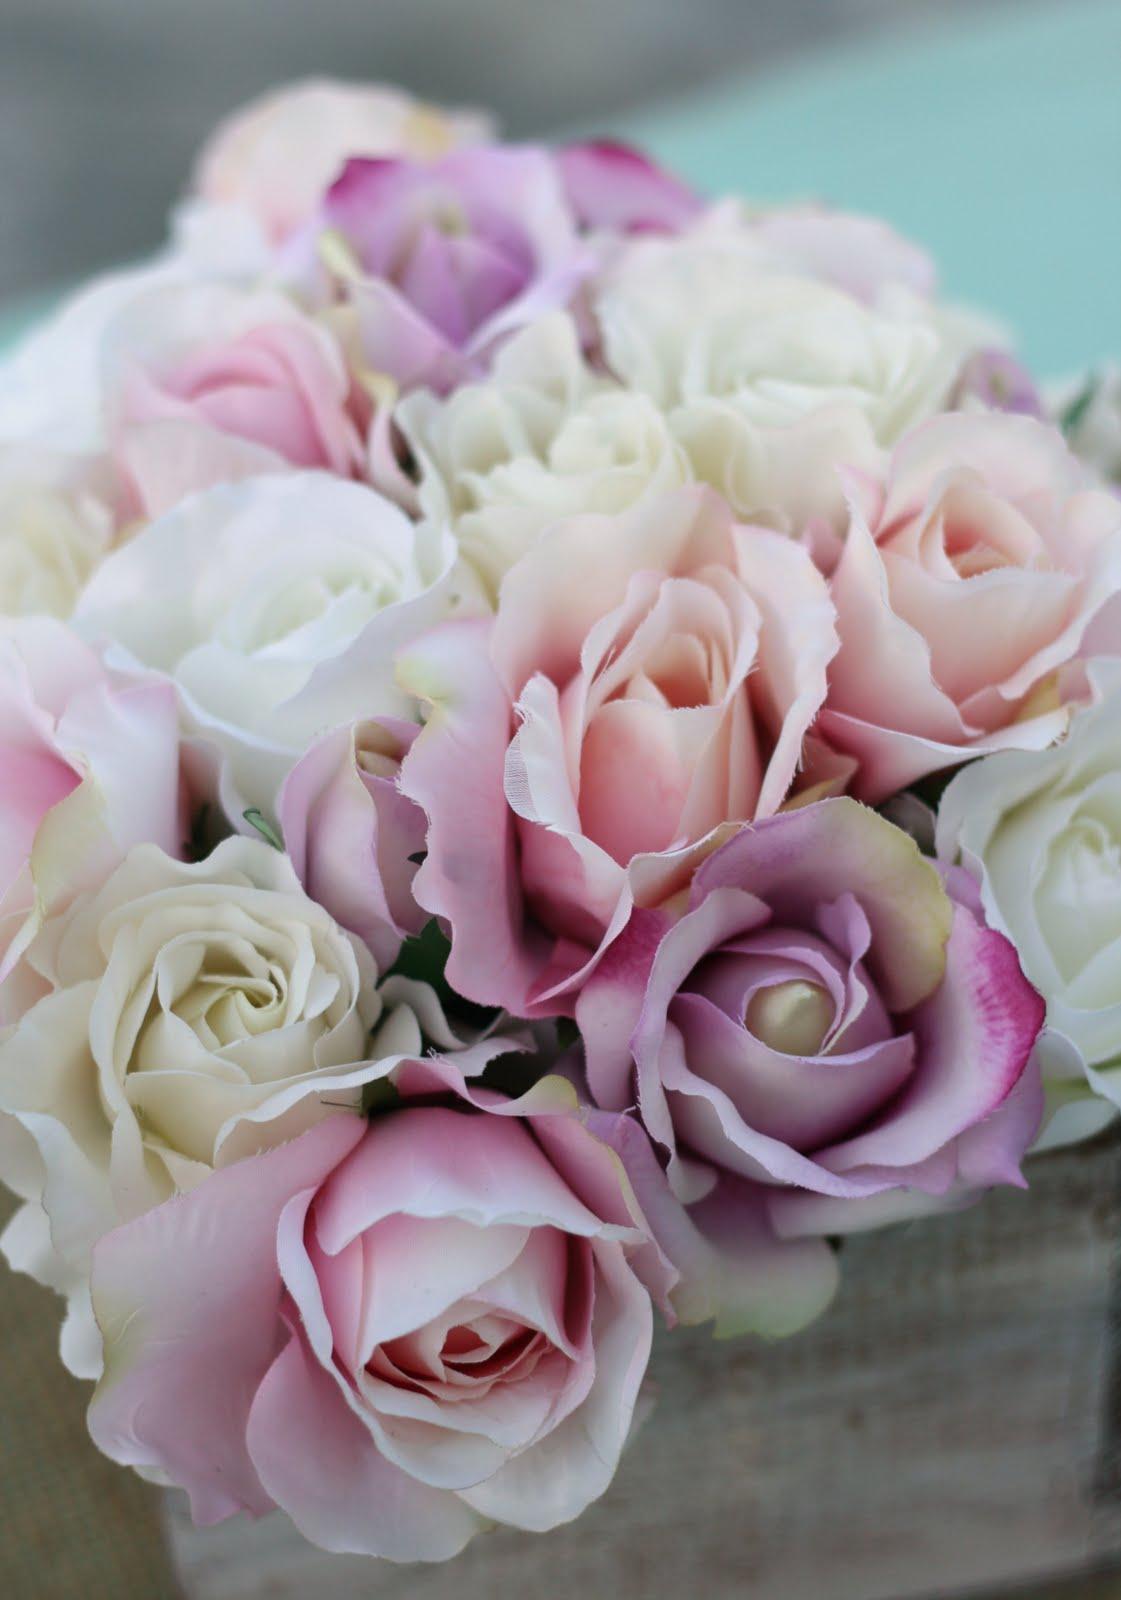 Morgann Hill Designs: Shabby Chic Rustic Flower Bouquet Wedding ...